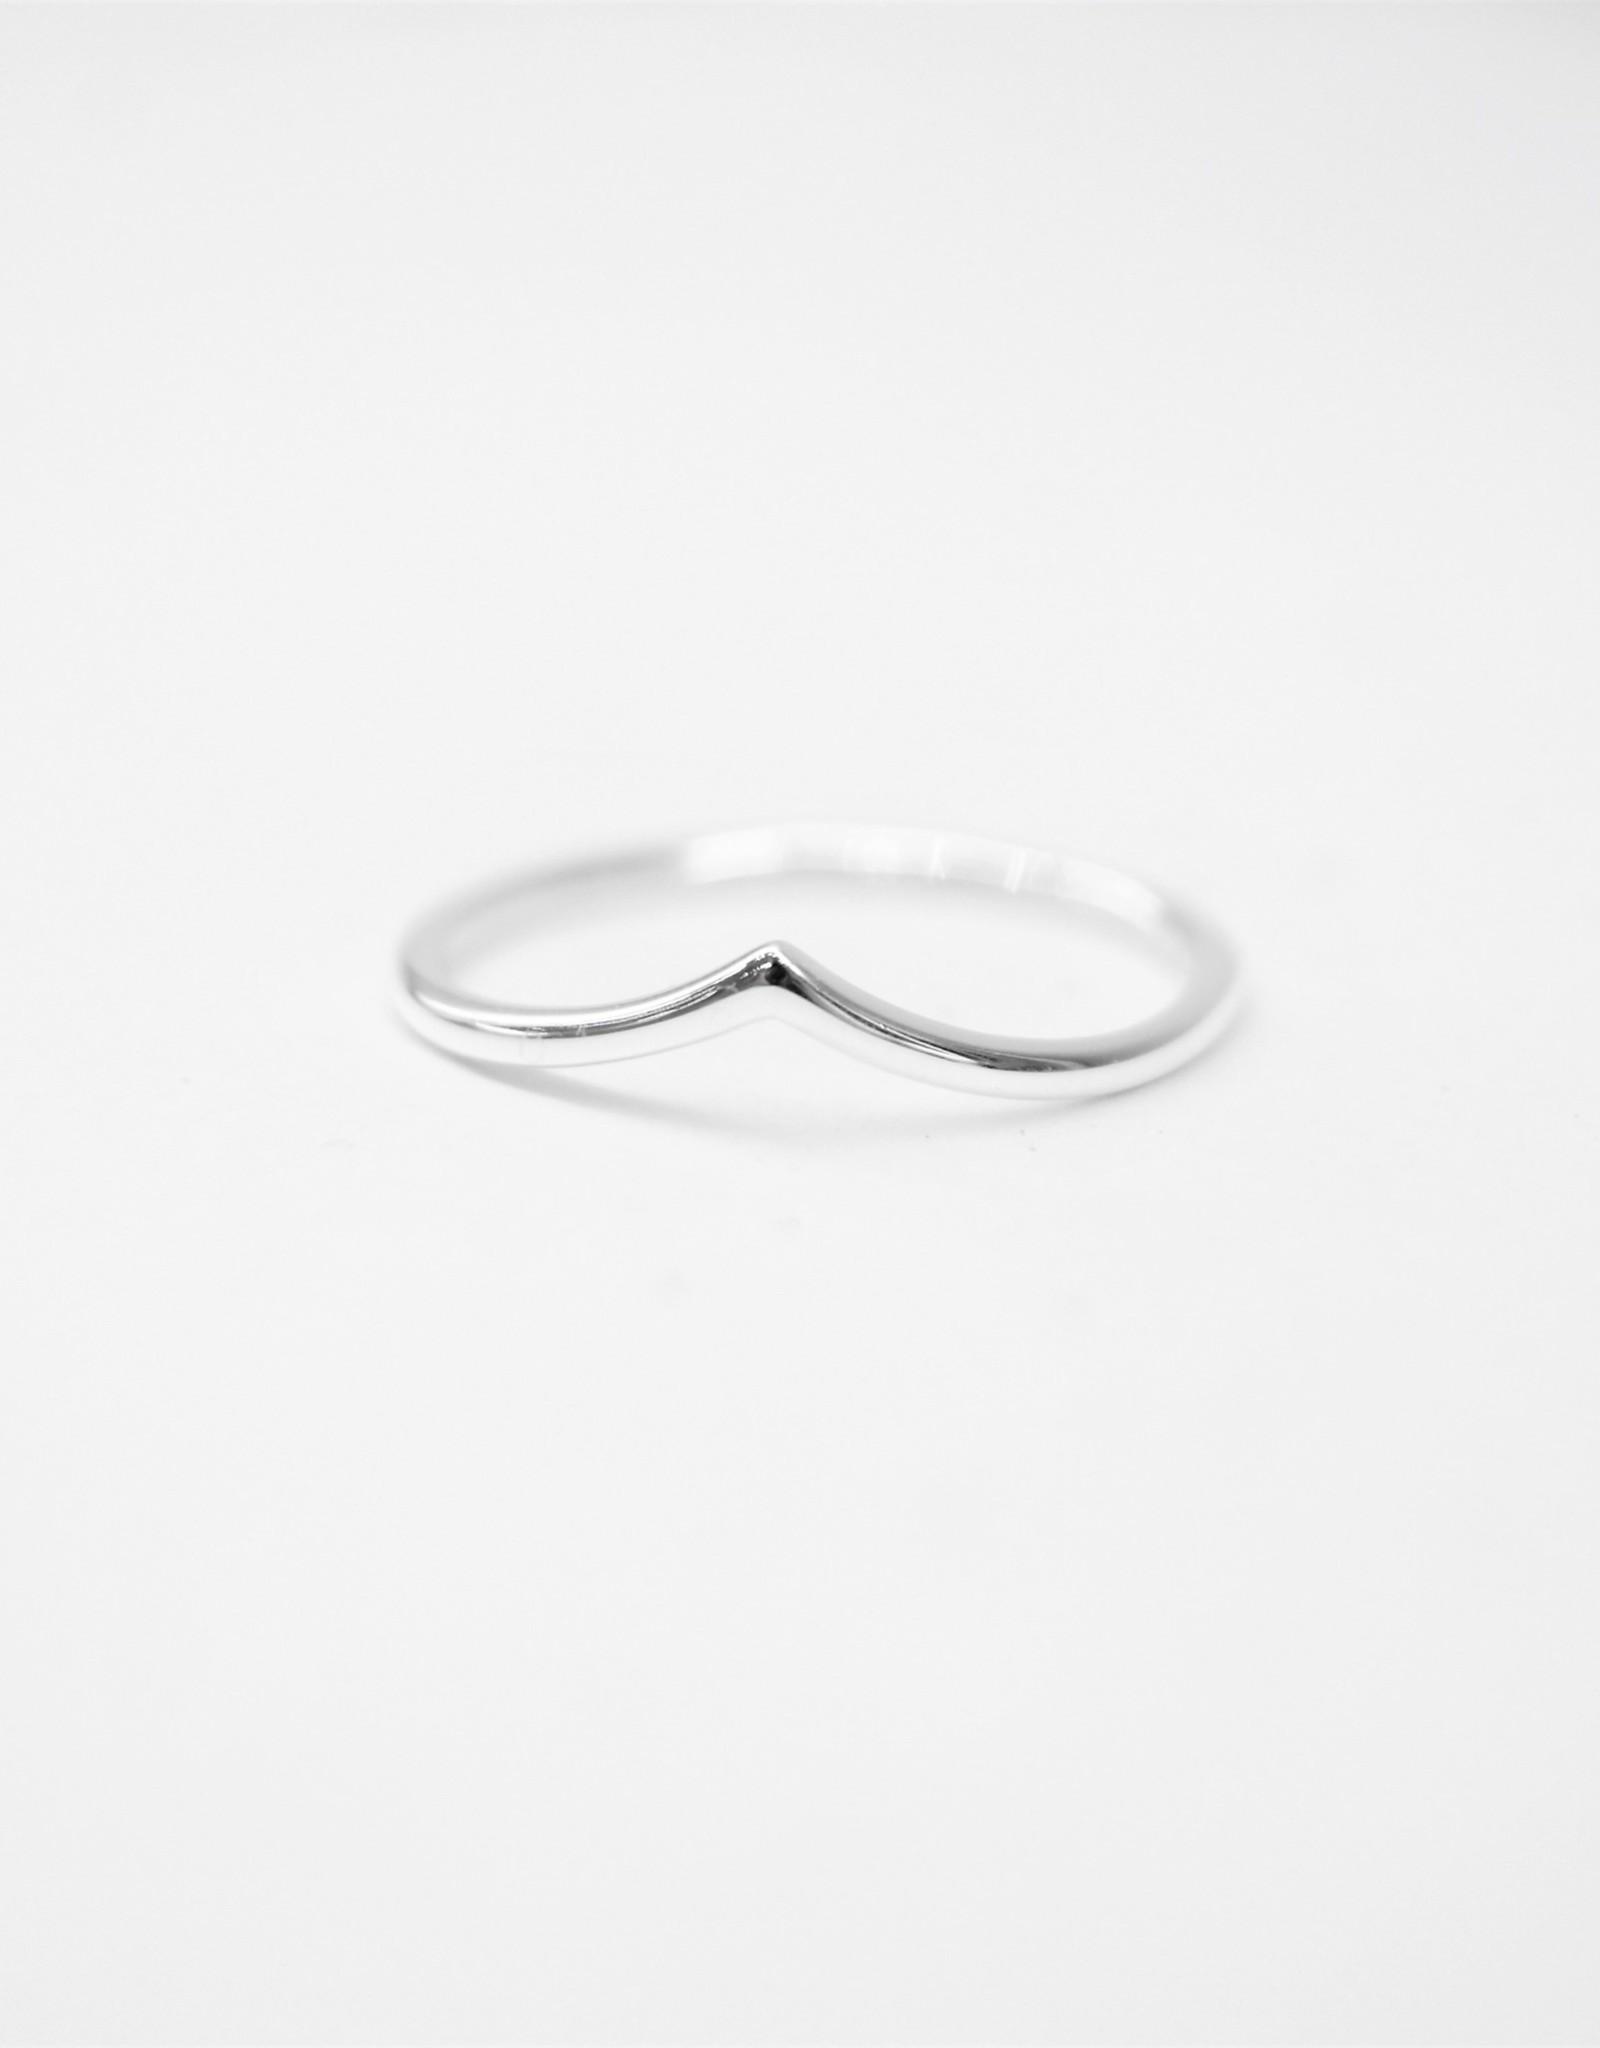 Tashi Chevron Ring